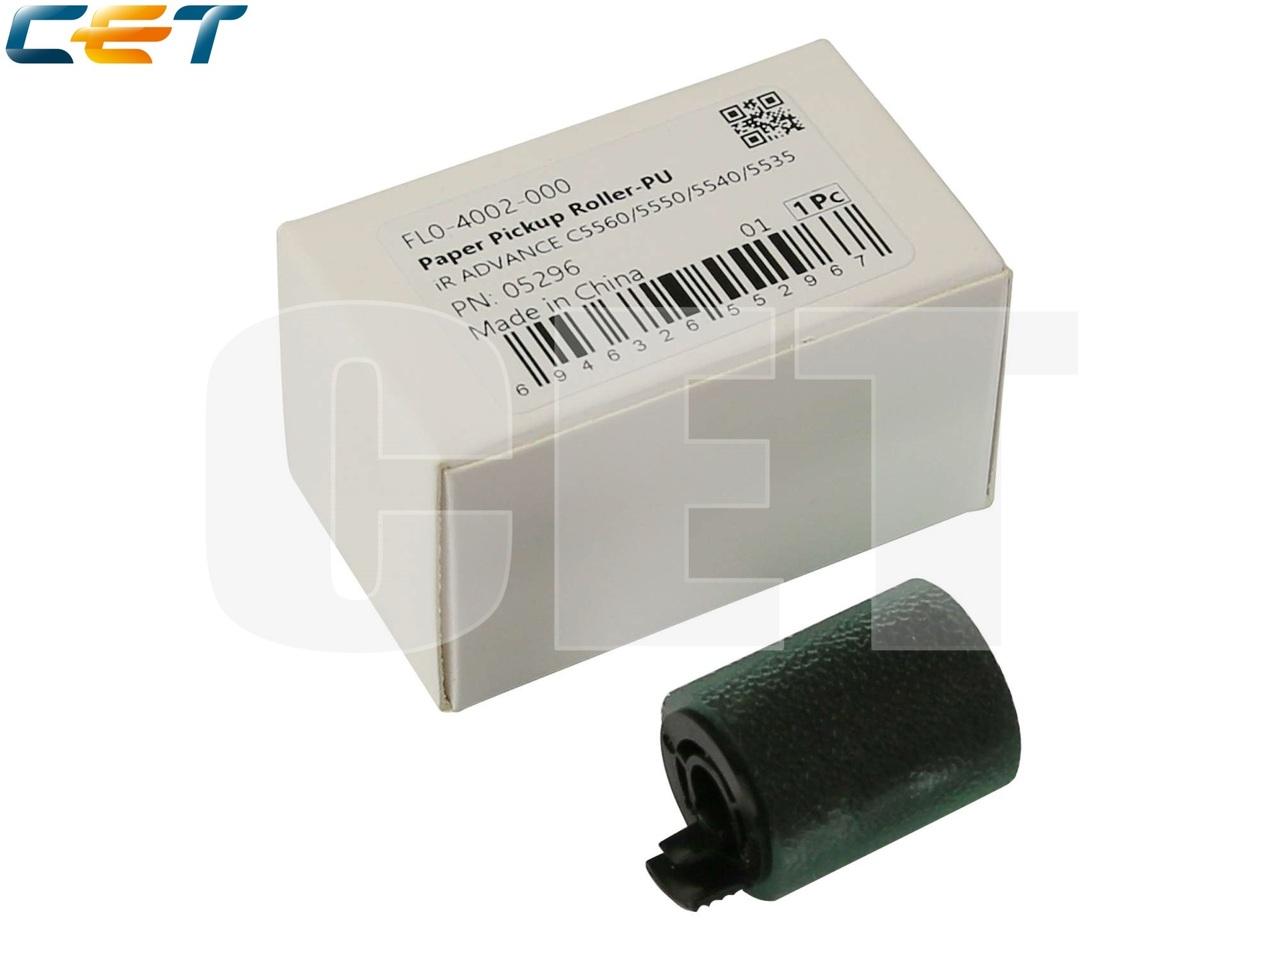 Ролик подхвата FL0-2885-000 для CANON iR ADVANCEC5560/C5550/C5540/C5535/C5560i/C5550i/C5540i/C5535i (CET),CET5296